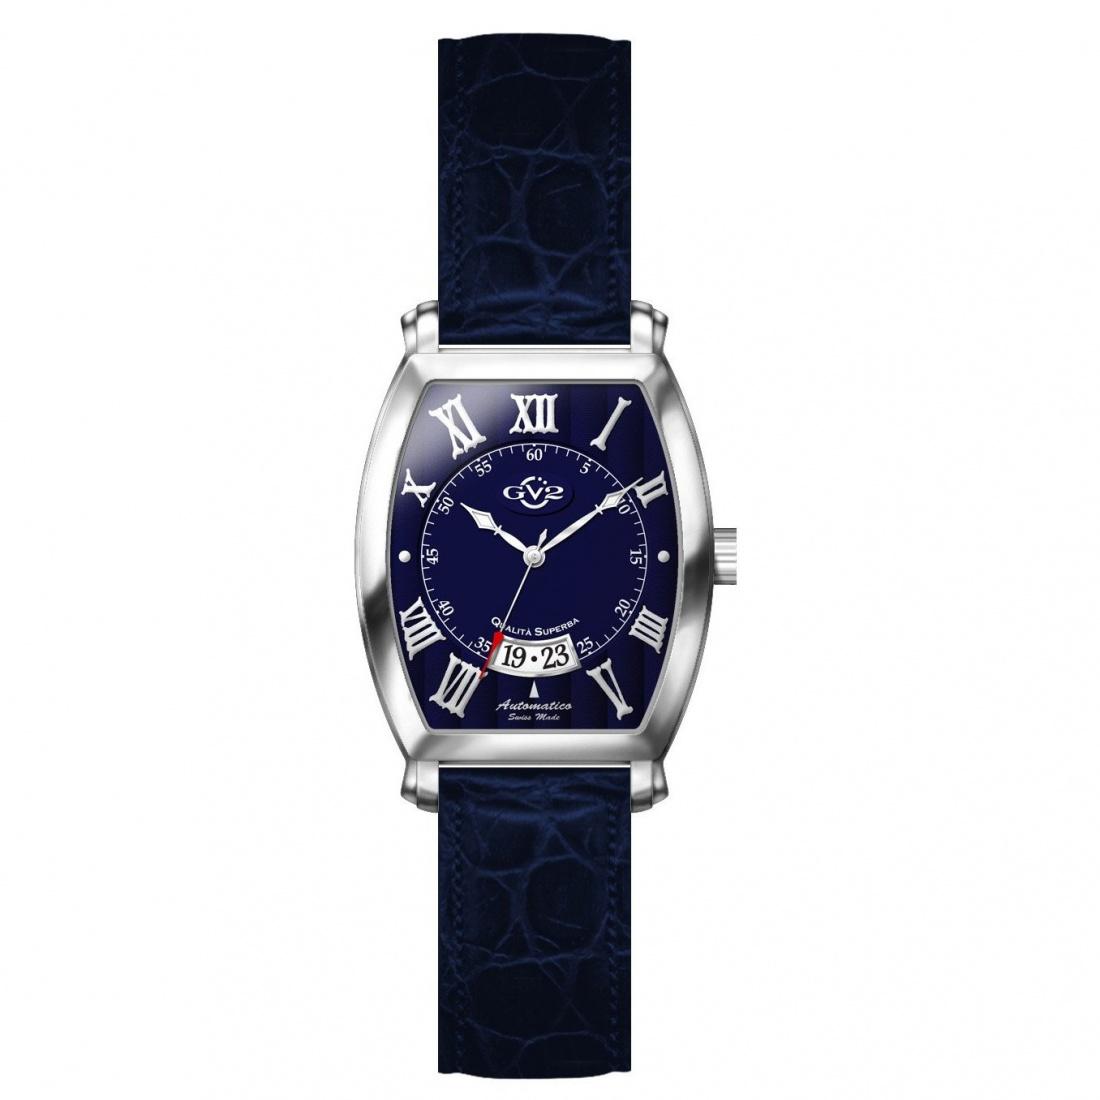 Швейцарские как часы форум продать нерабочих часов скупка